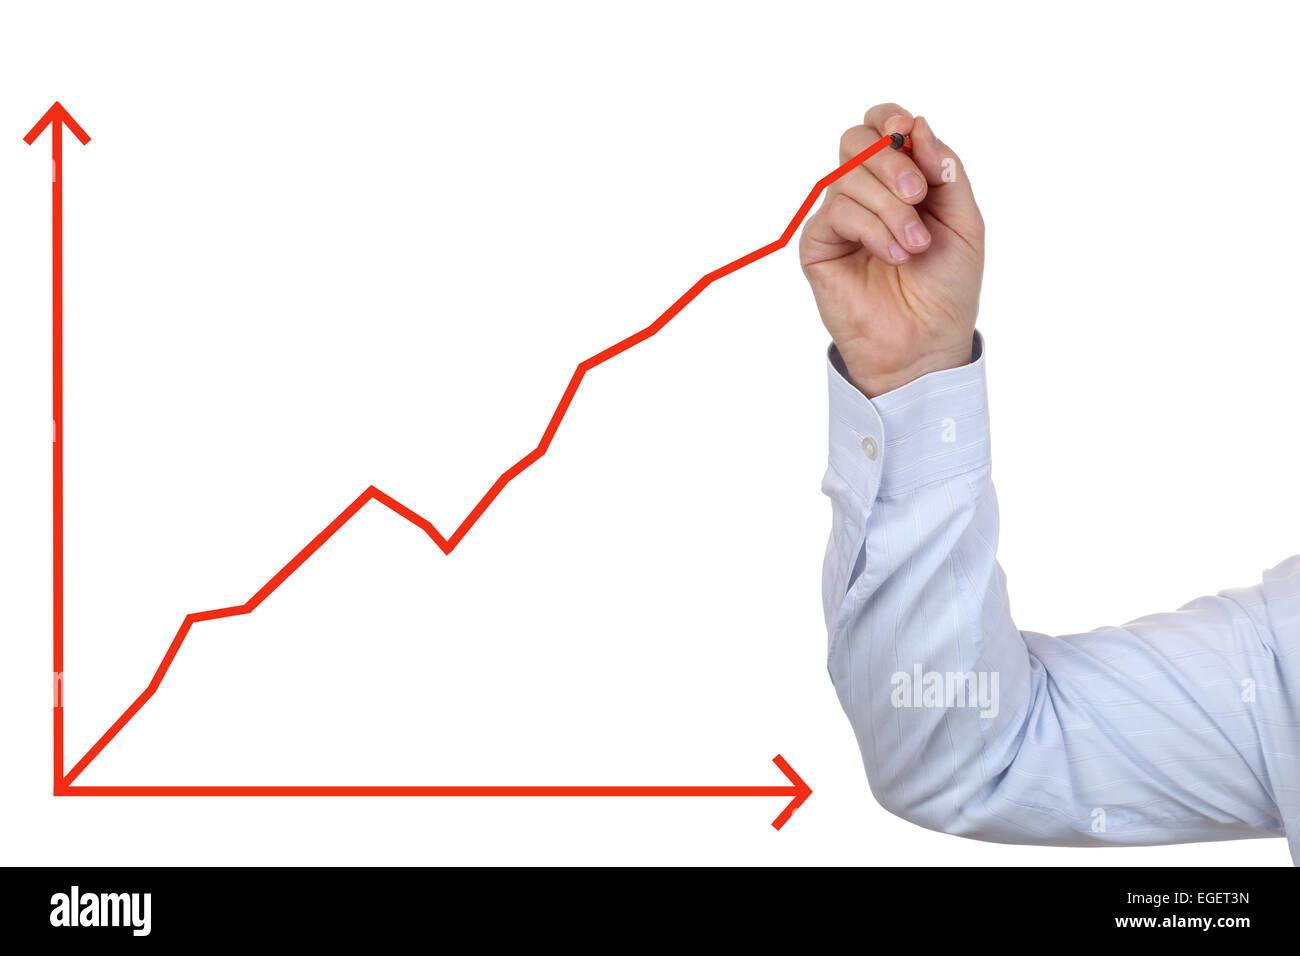 Erfolgreicher Geschäftsmann ein Erfolg Wachstumsdiagramm zeichnen Stockbild